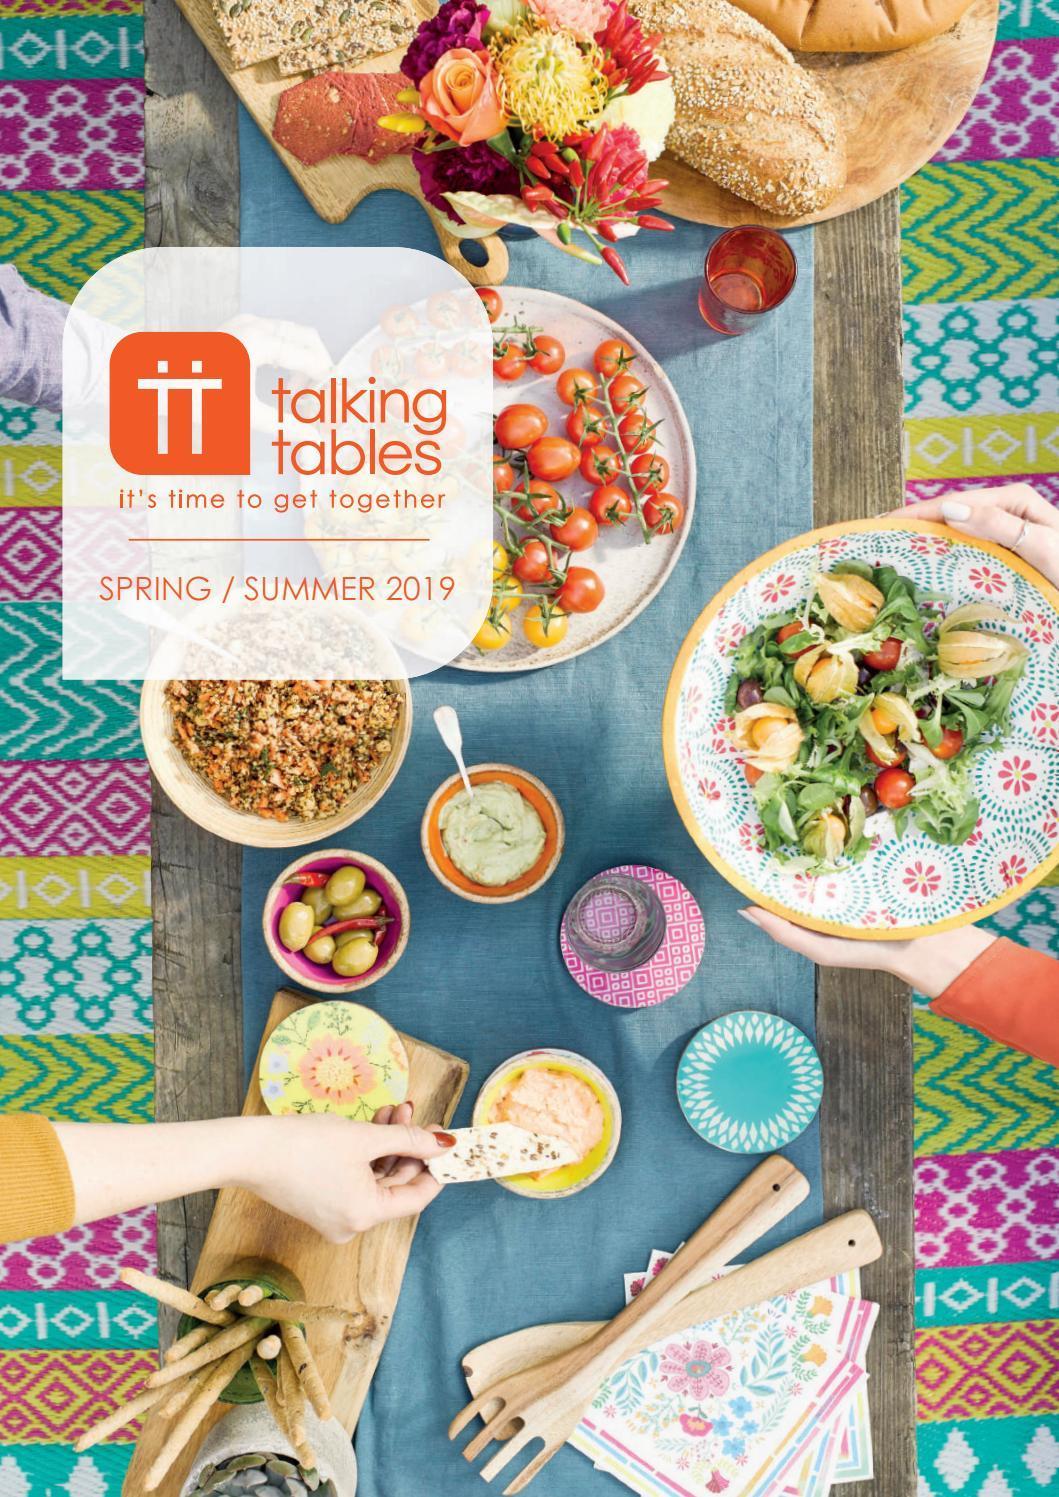 talkingtables